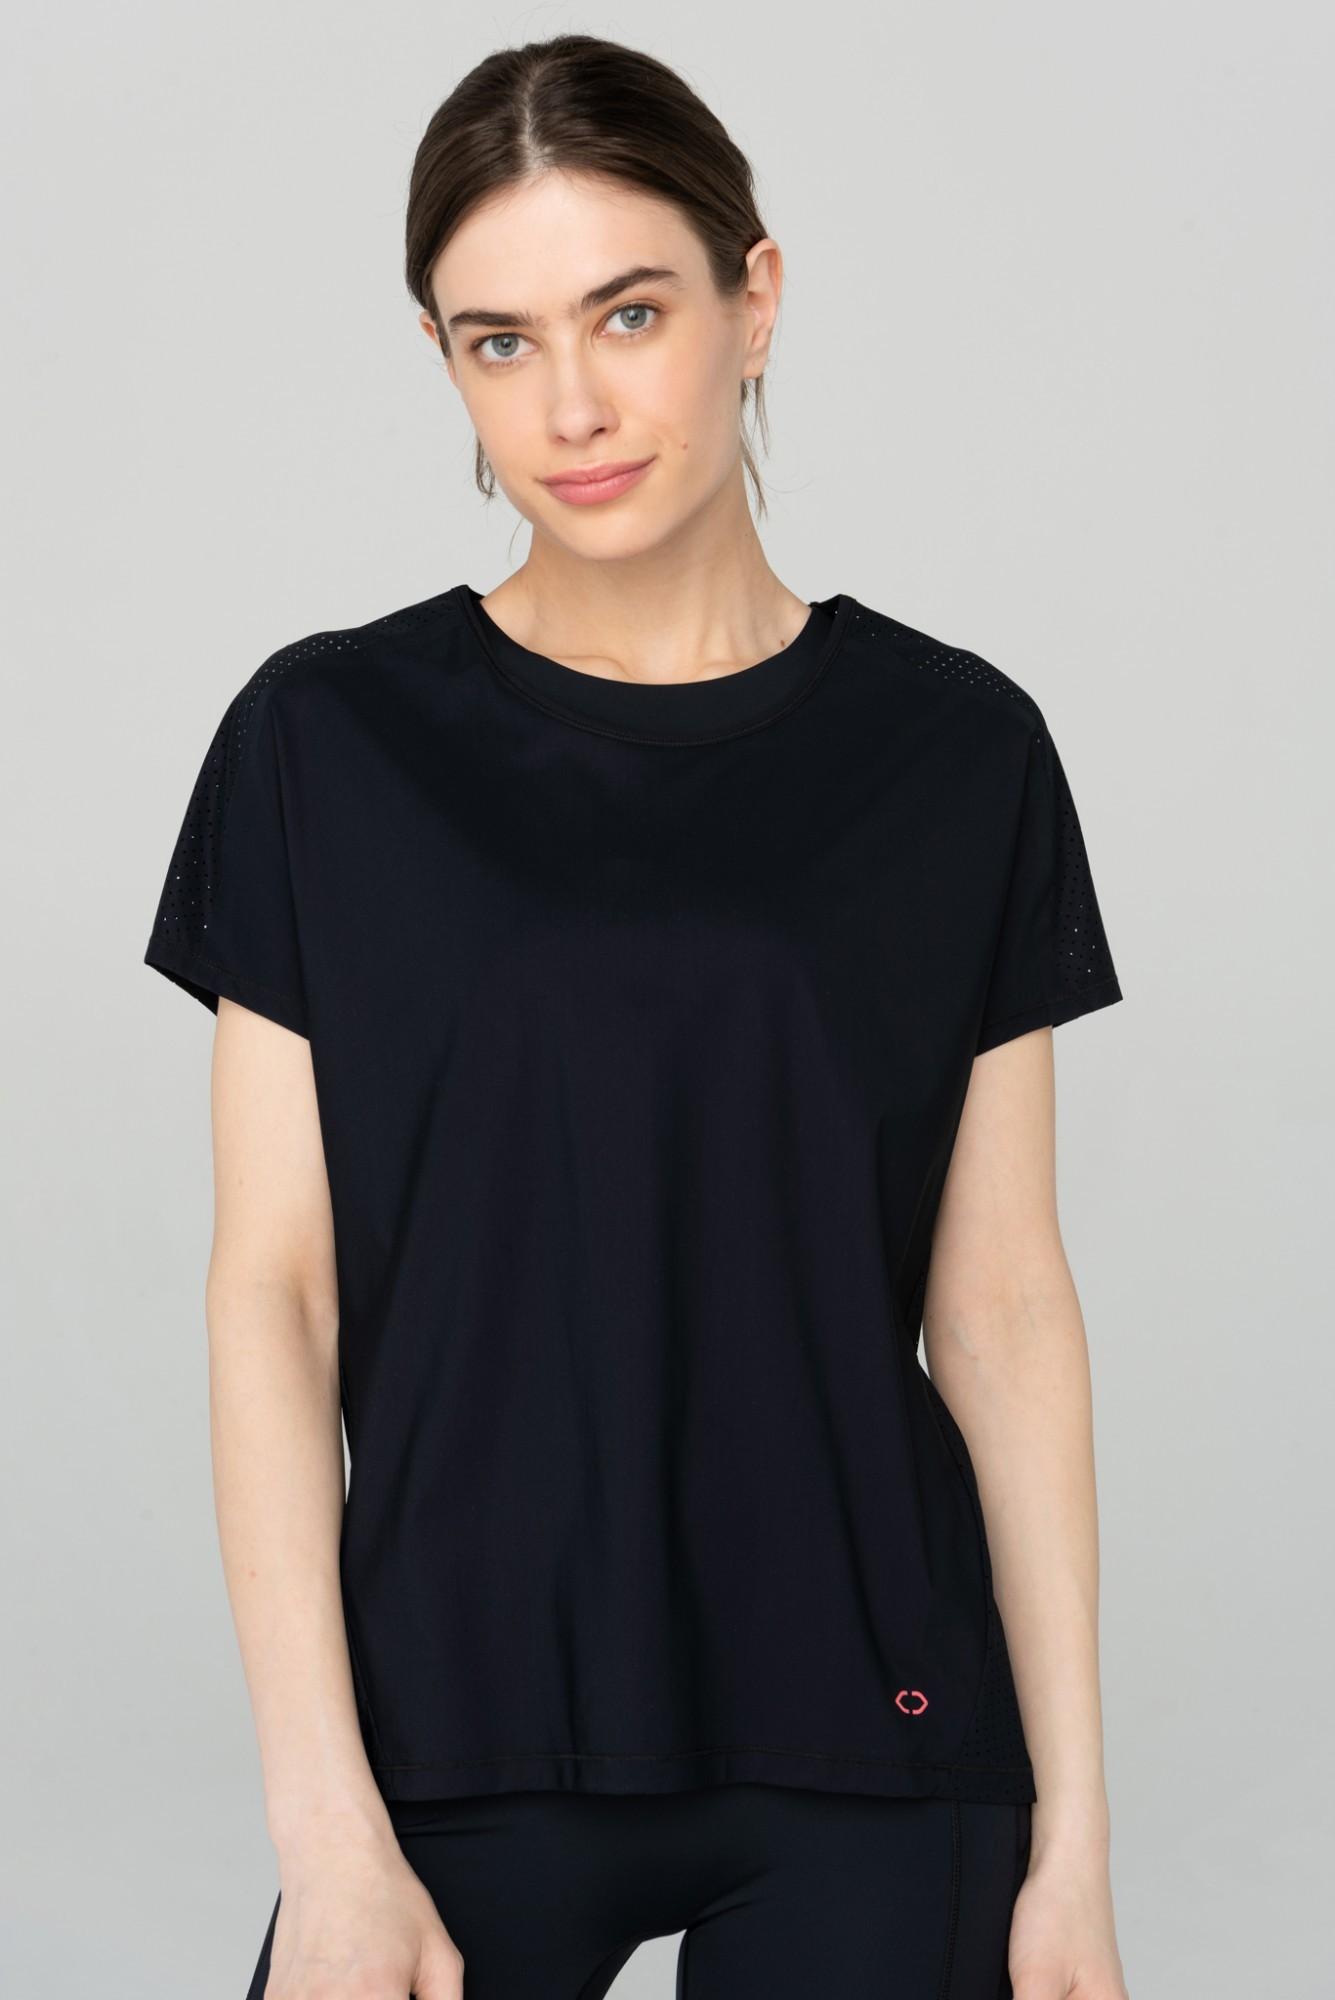 AUDIMAS Funkc. marškinėliai SENSITIVE 2111-311 Black M